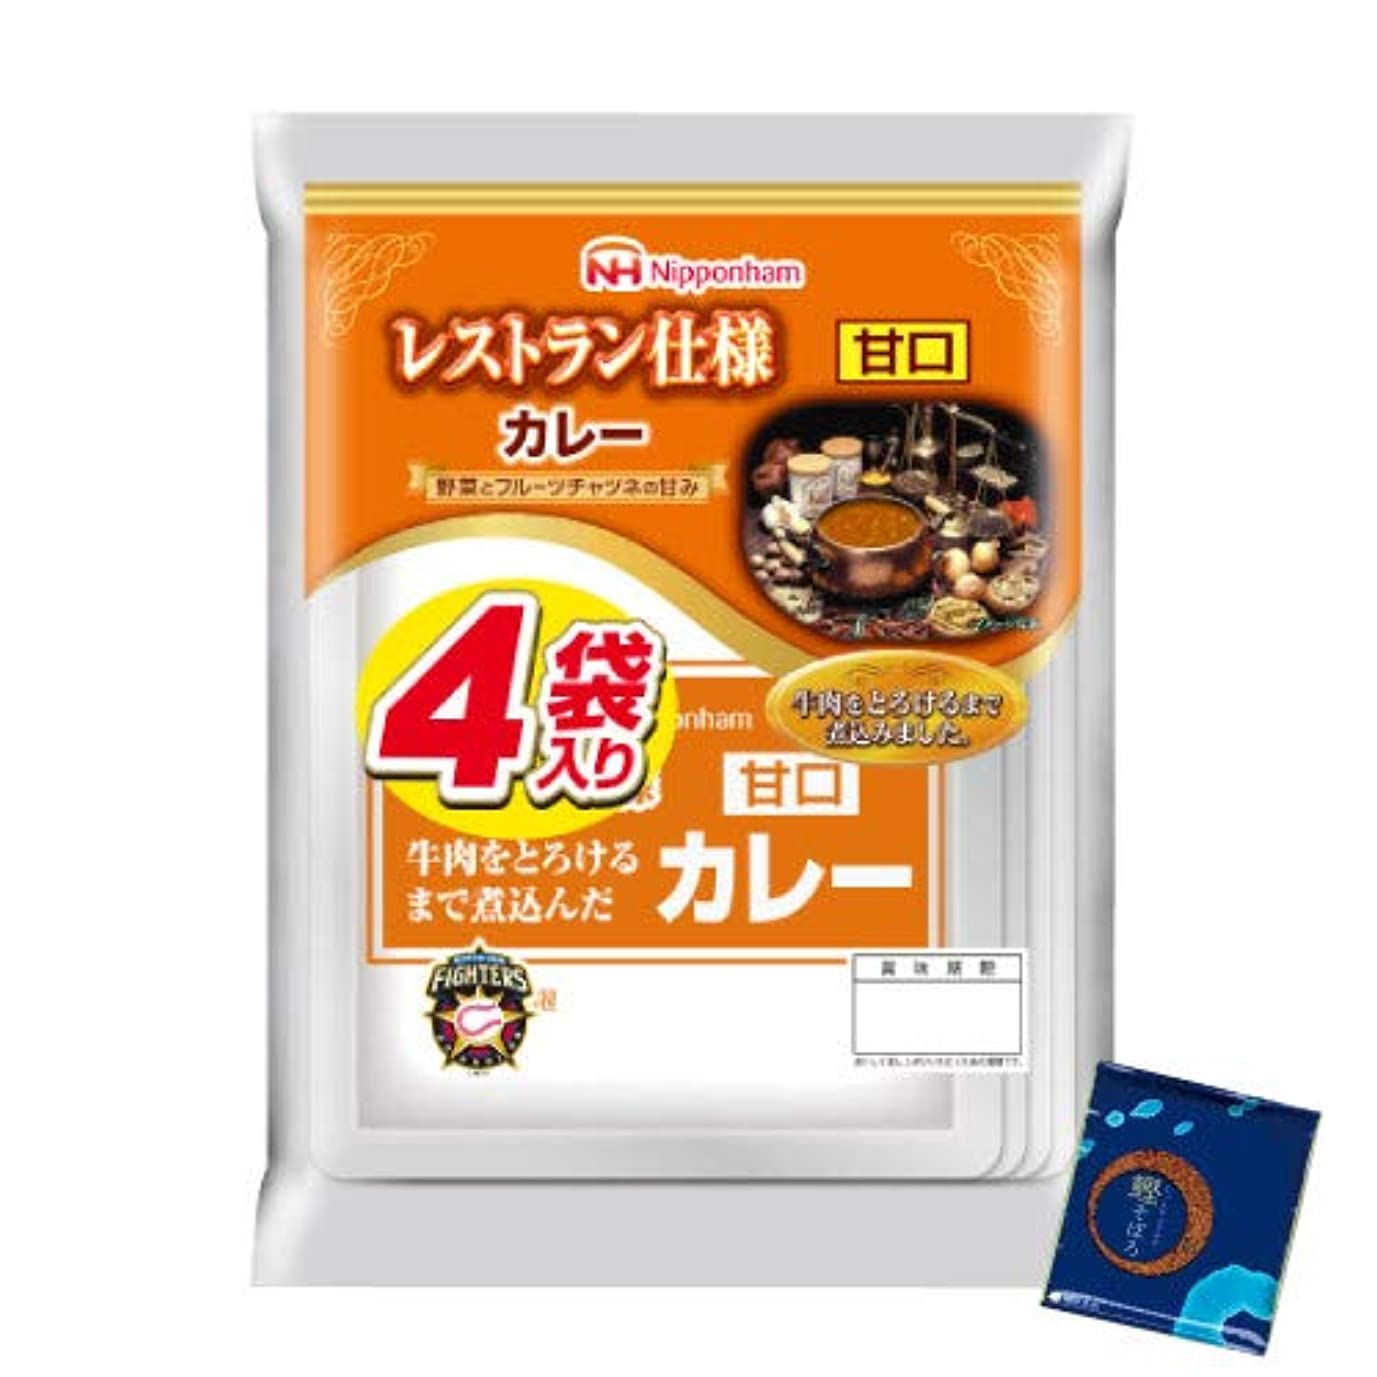 故障記憶決定的日本ハム レトルト カレー 甘口 16食 レストラン仕様 小袋鰹ふりかけ1袋 セット